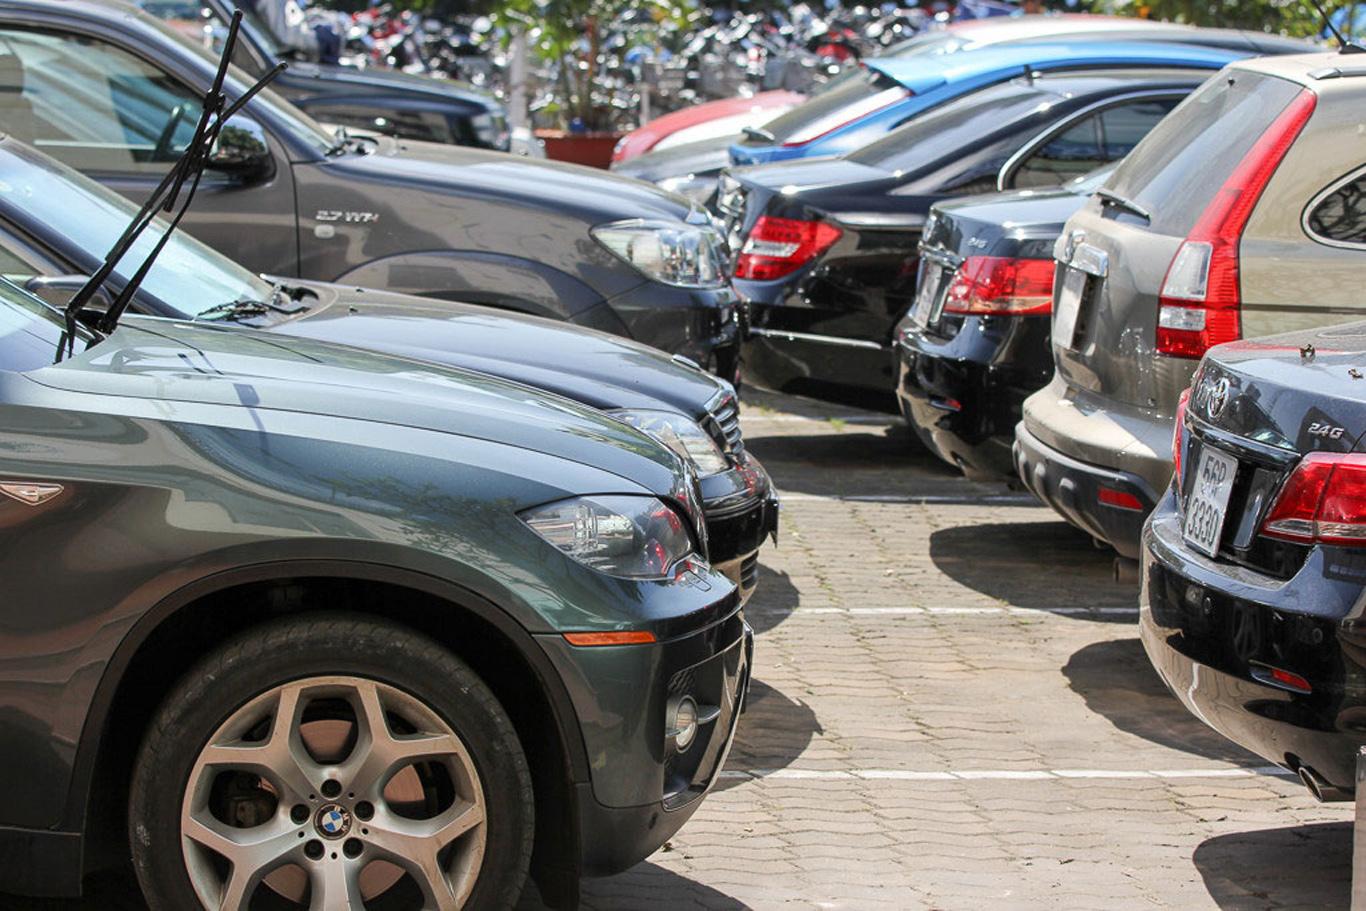 Cân nhắc kỹ trước khi mua ô tô cũ vào mùa mưa dù 'giá rẻ như cho'?